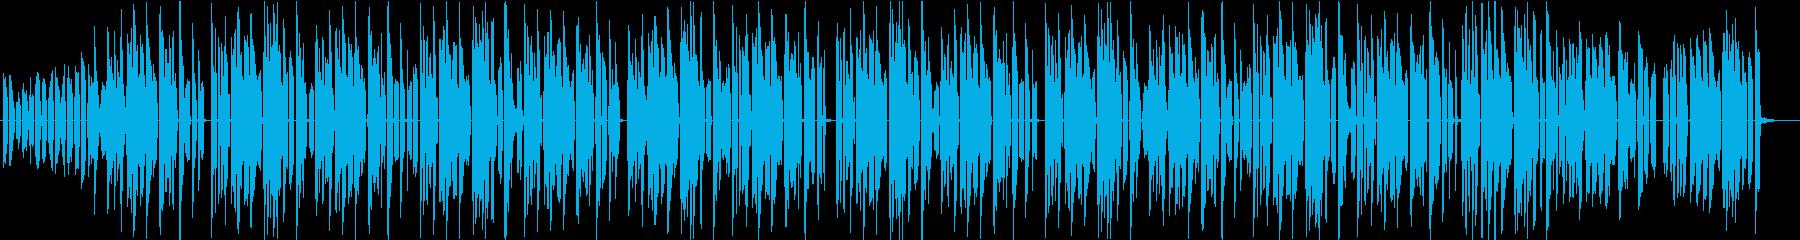 幻想的なチルホップの再生済みの波形